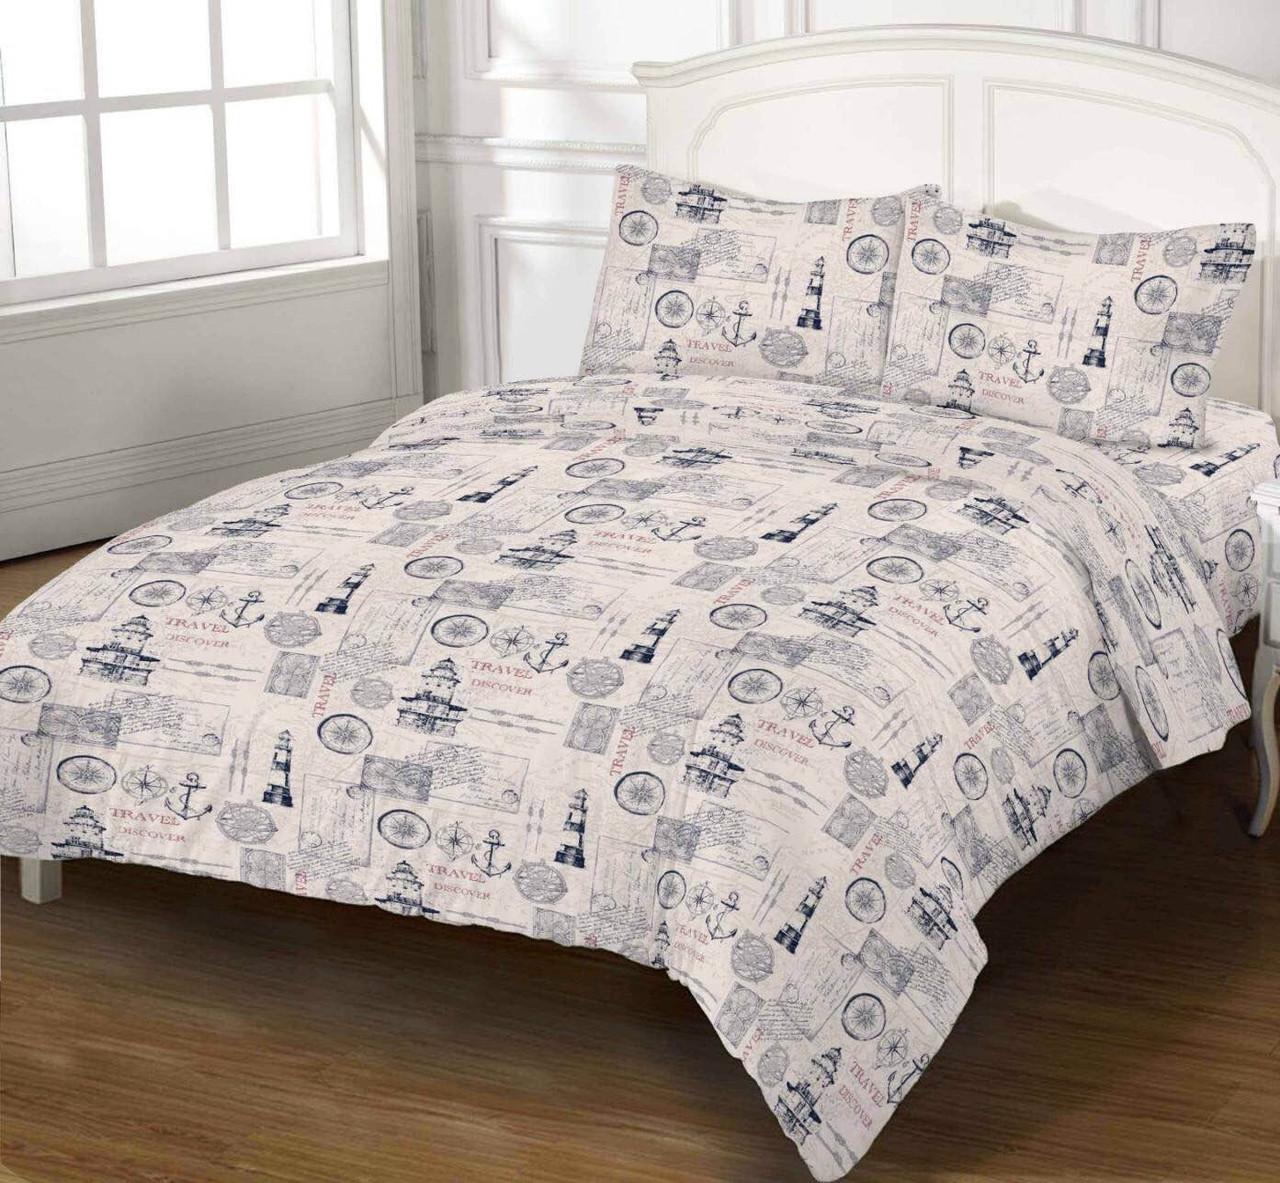 Комплект постельного белья DOTINEM Seni Бязь двуспальный 180х215 (8804-103)